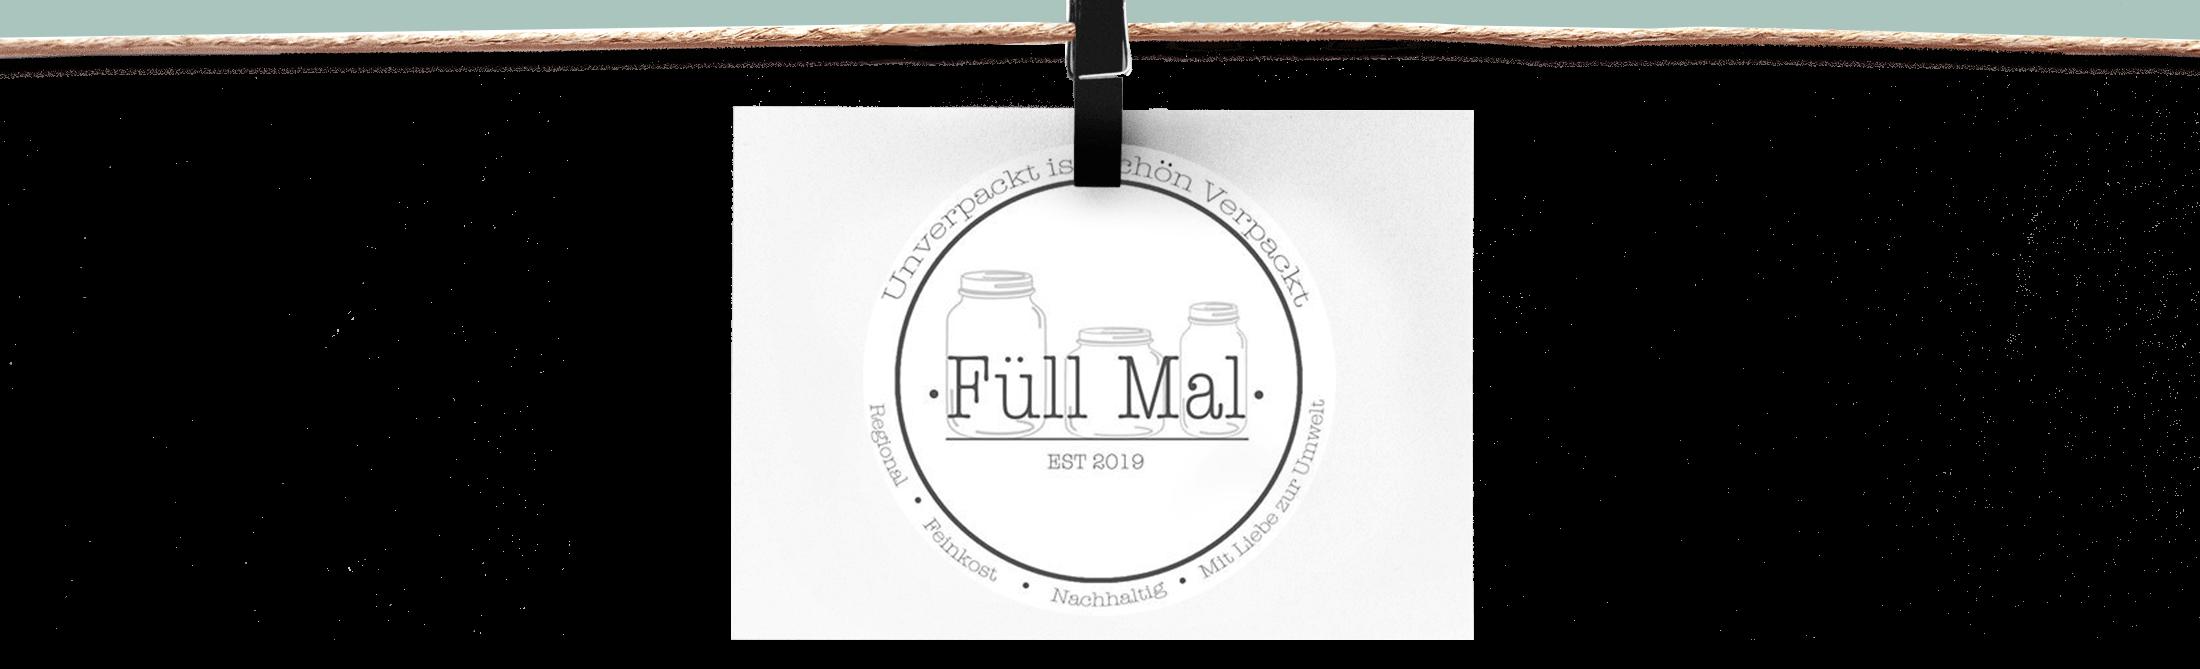 Unverpackt ist schön verpackt - Füll Mal - Logo